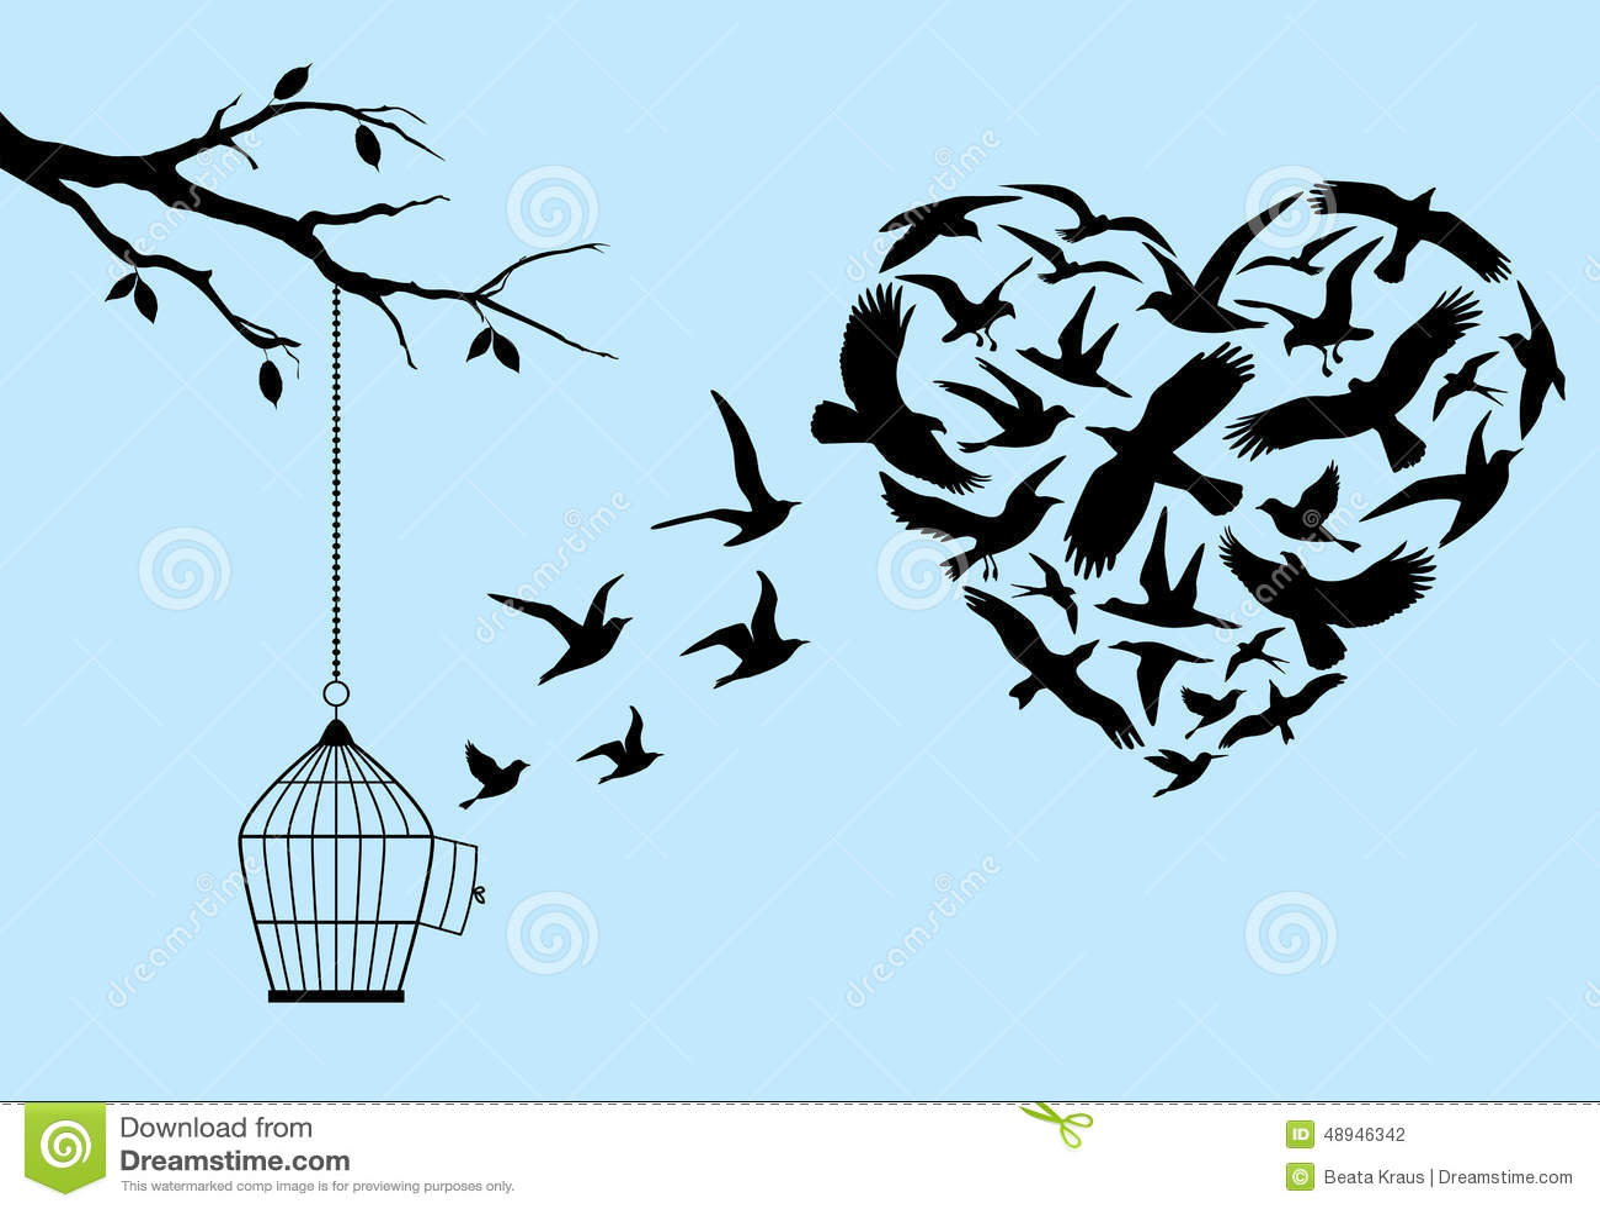 Летящие птицы сердце, вектор